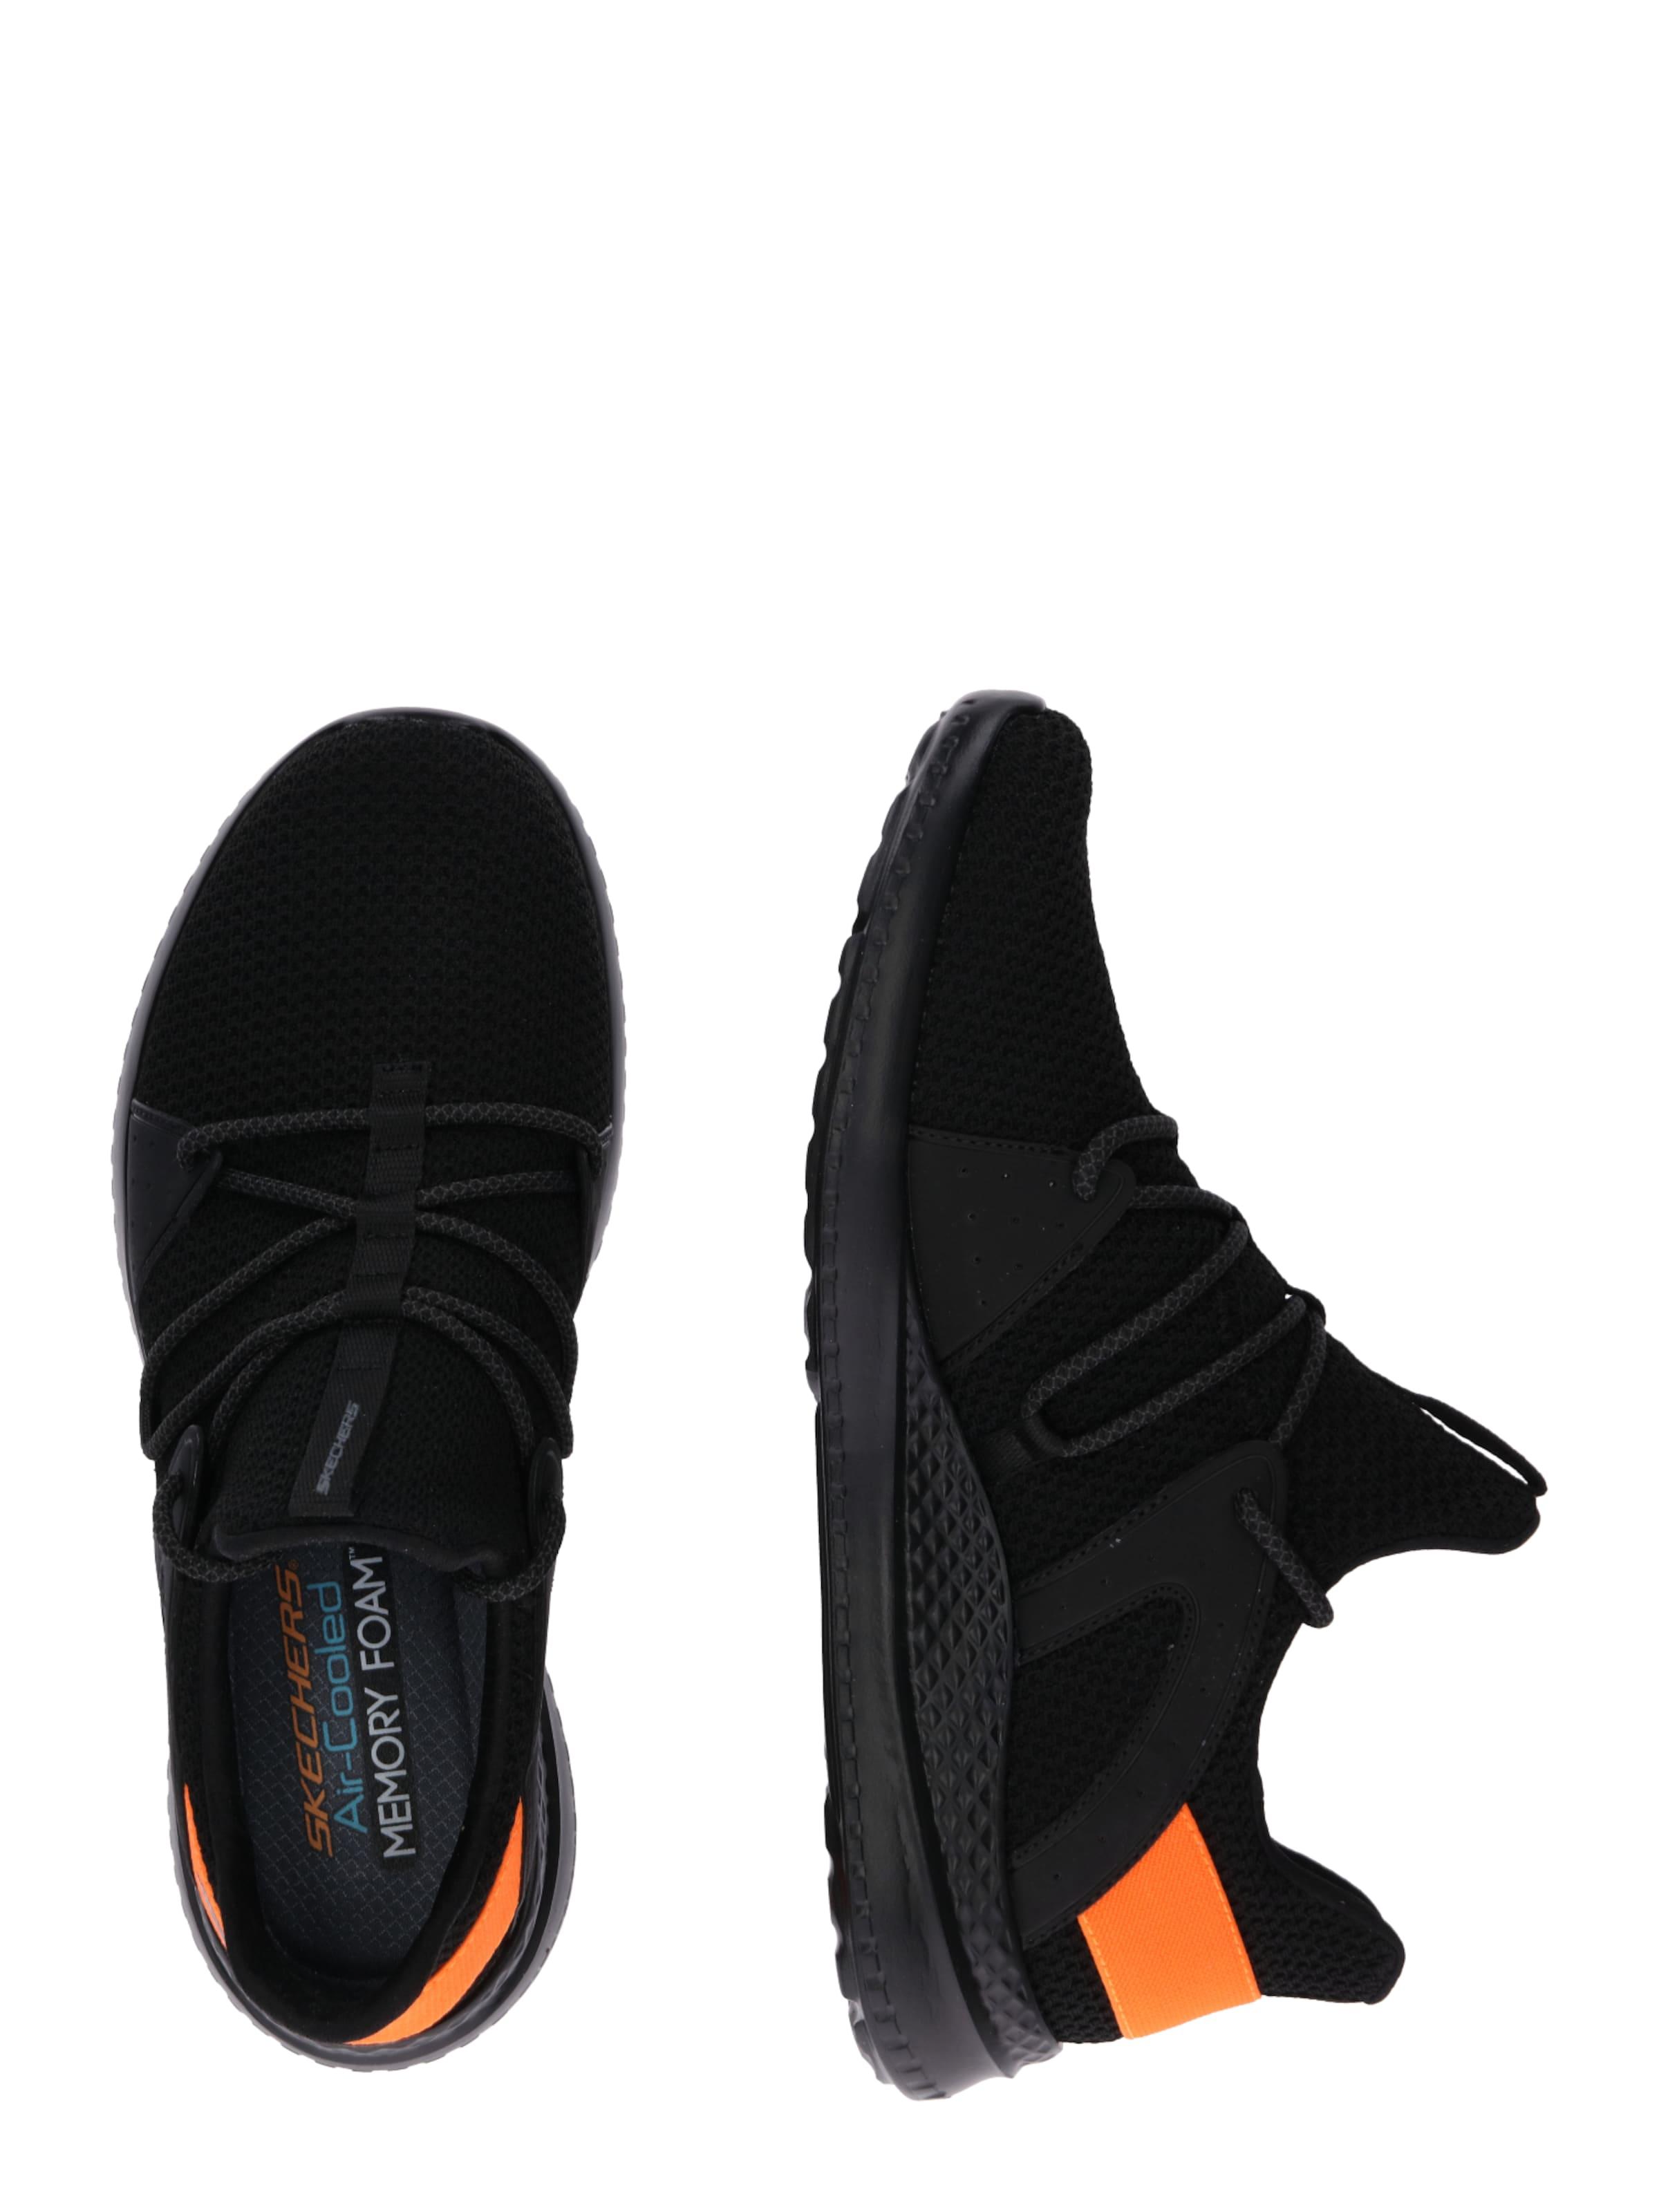 'materaStrongland' 'materaStrongland' In Sneaker Sneaker Skechers In HellorangeSchwarz Skechers HellorangeSchwarz Skechers Sneaker 'materaStrongland' 8kn0PwO